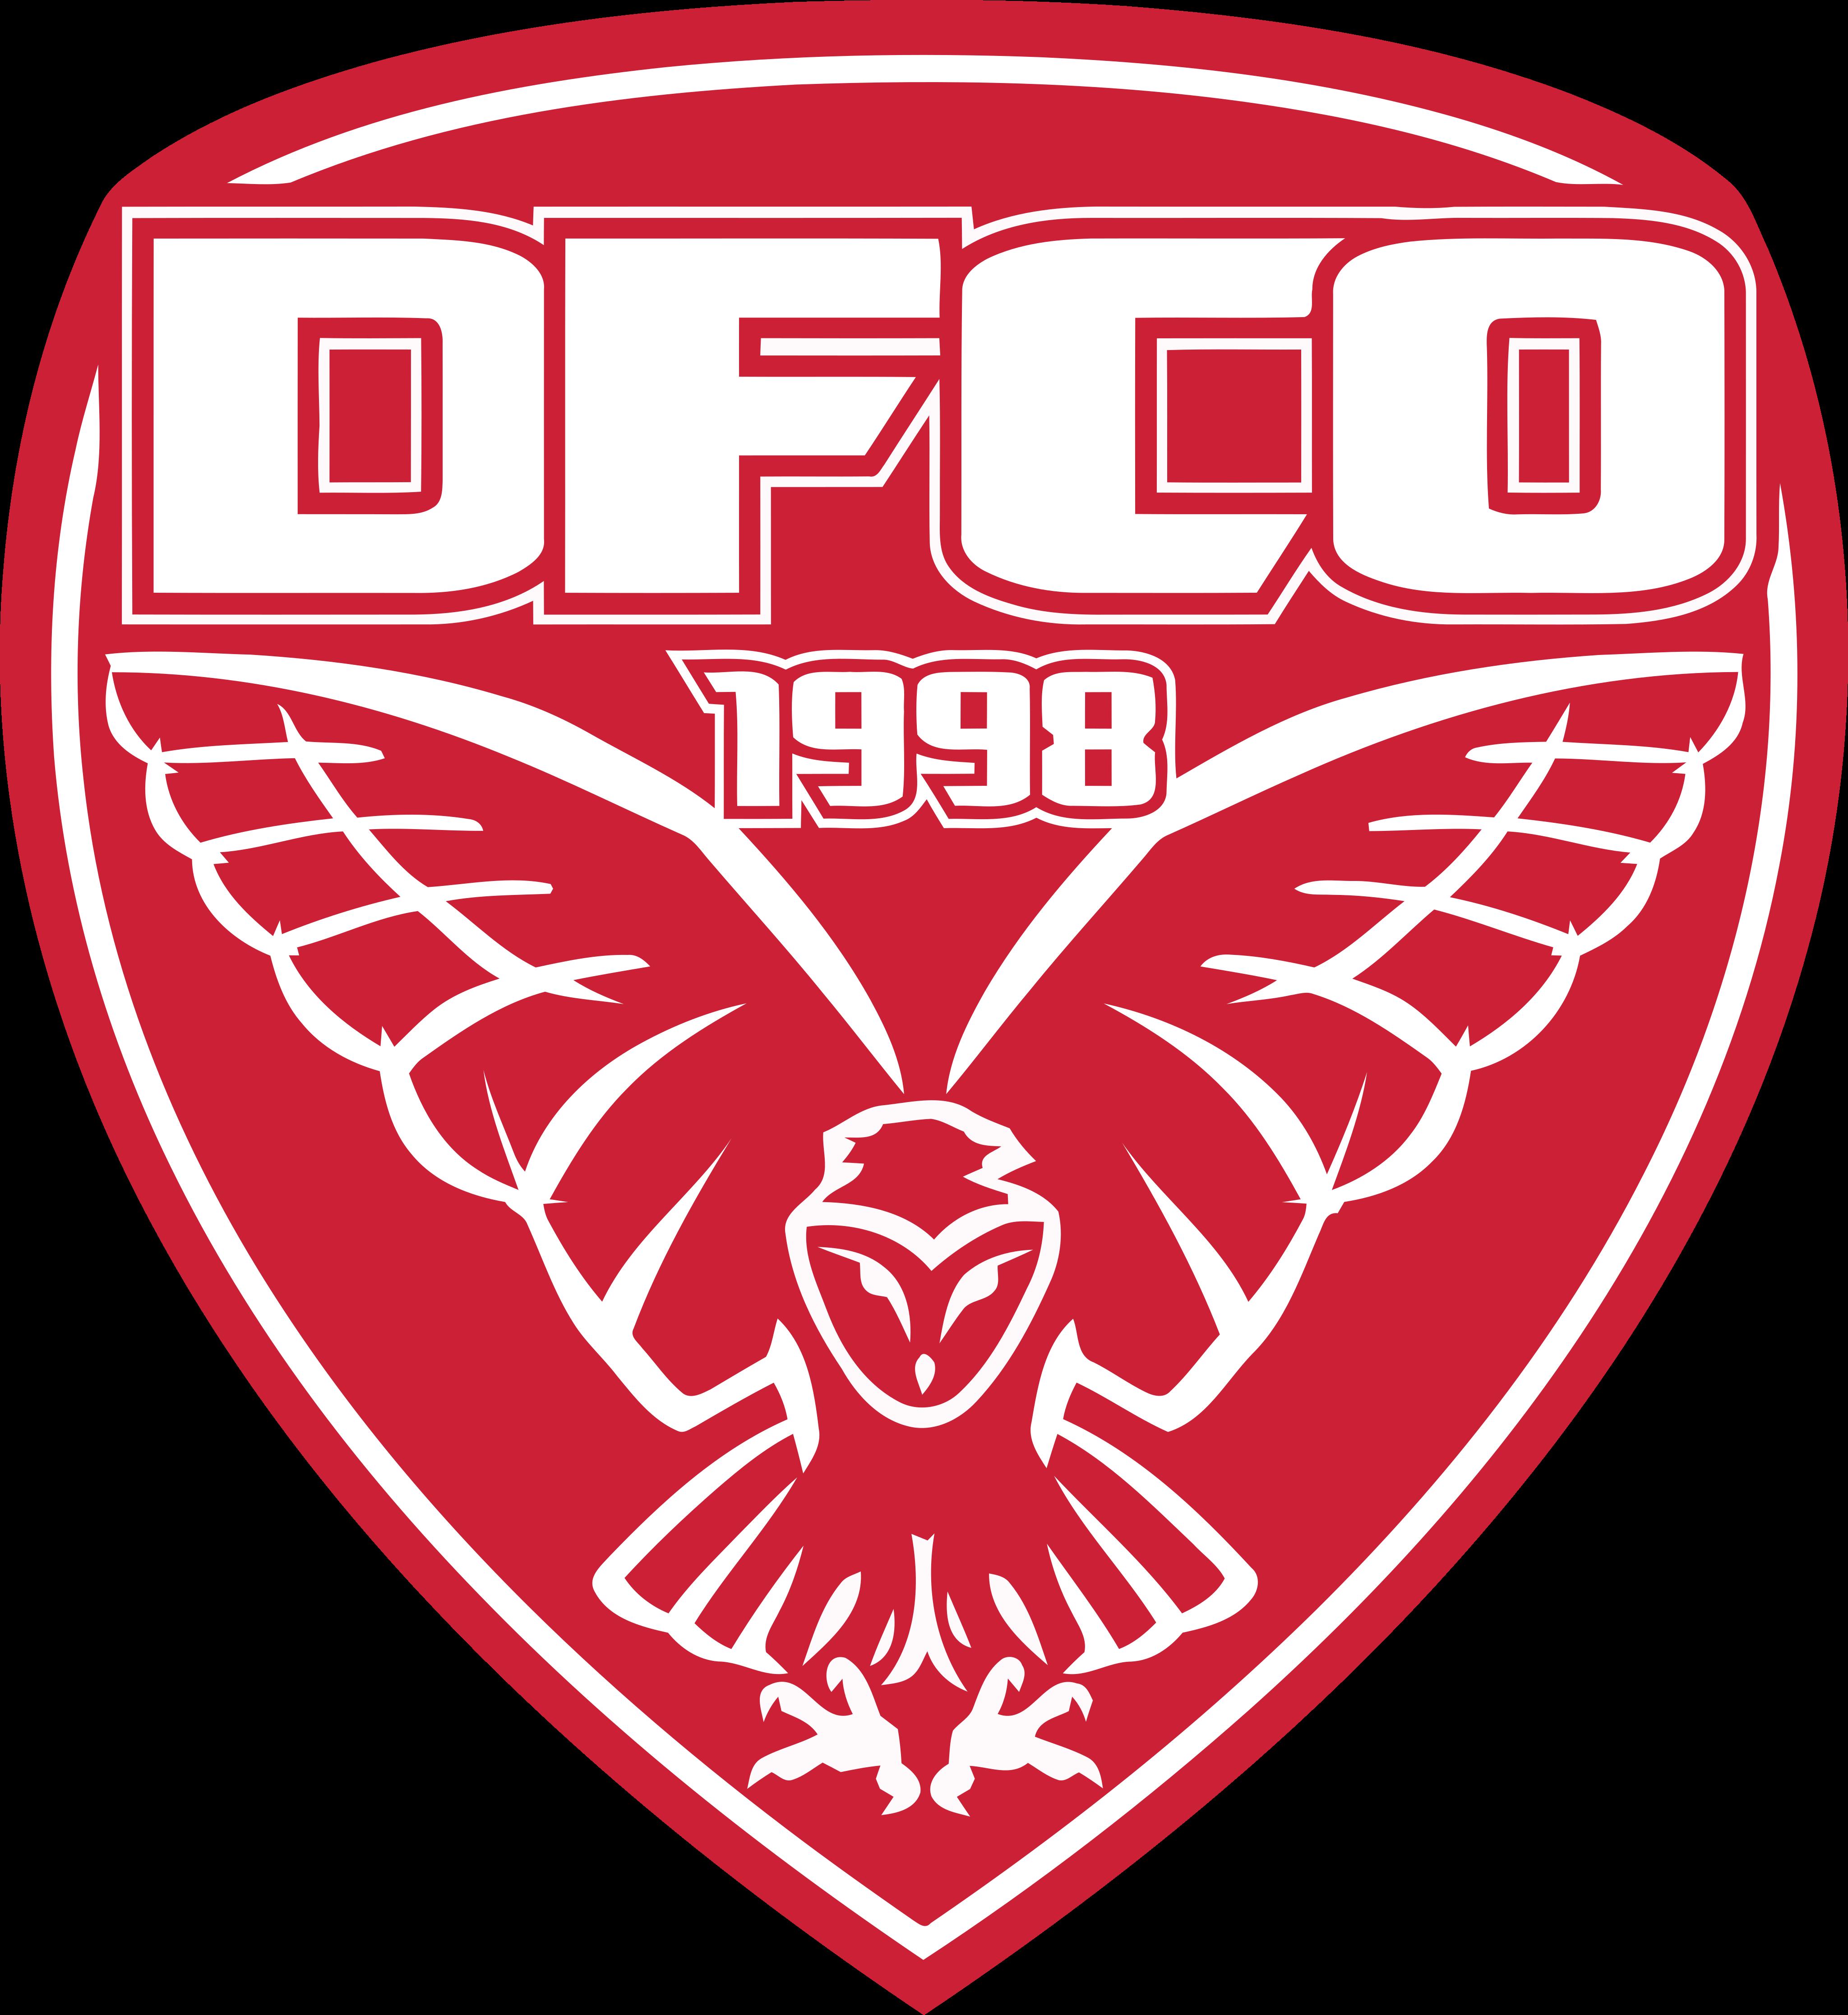 dijon fco logo - Dijon FCO Logo